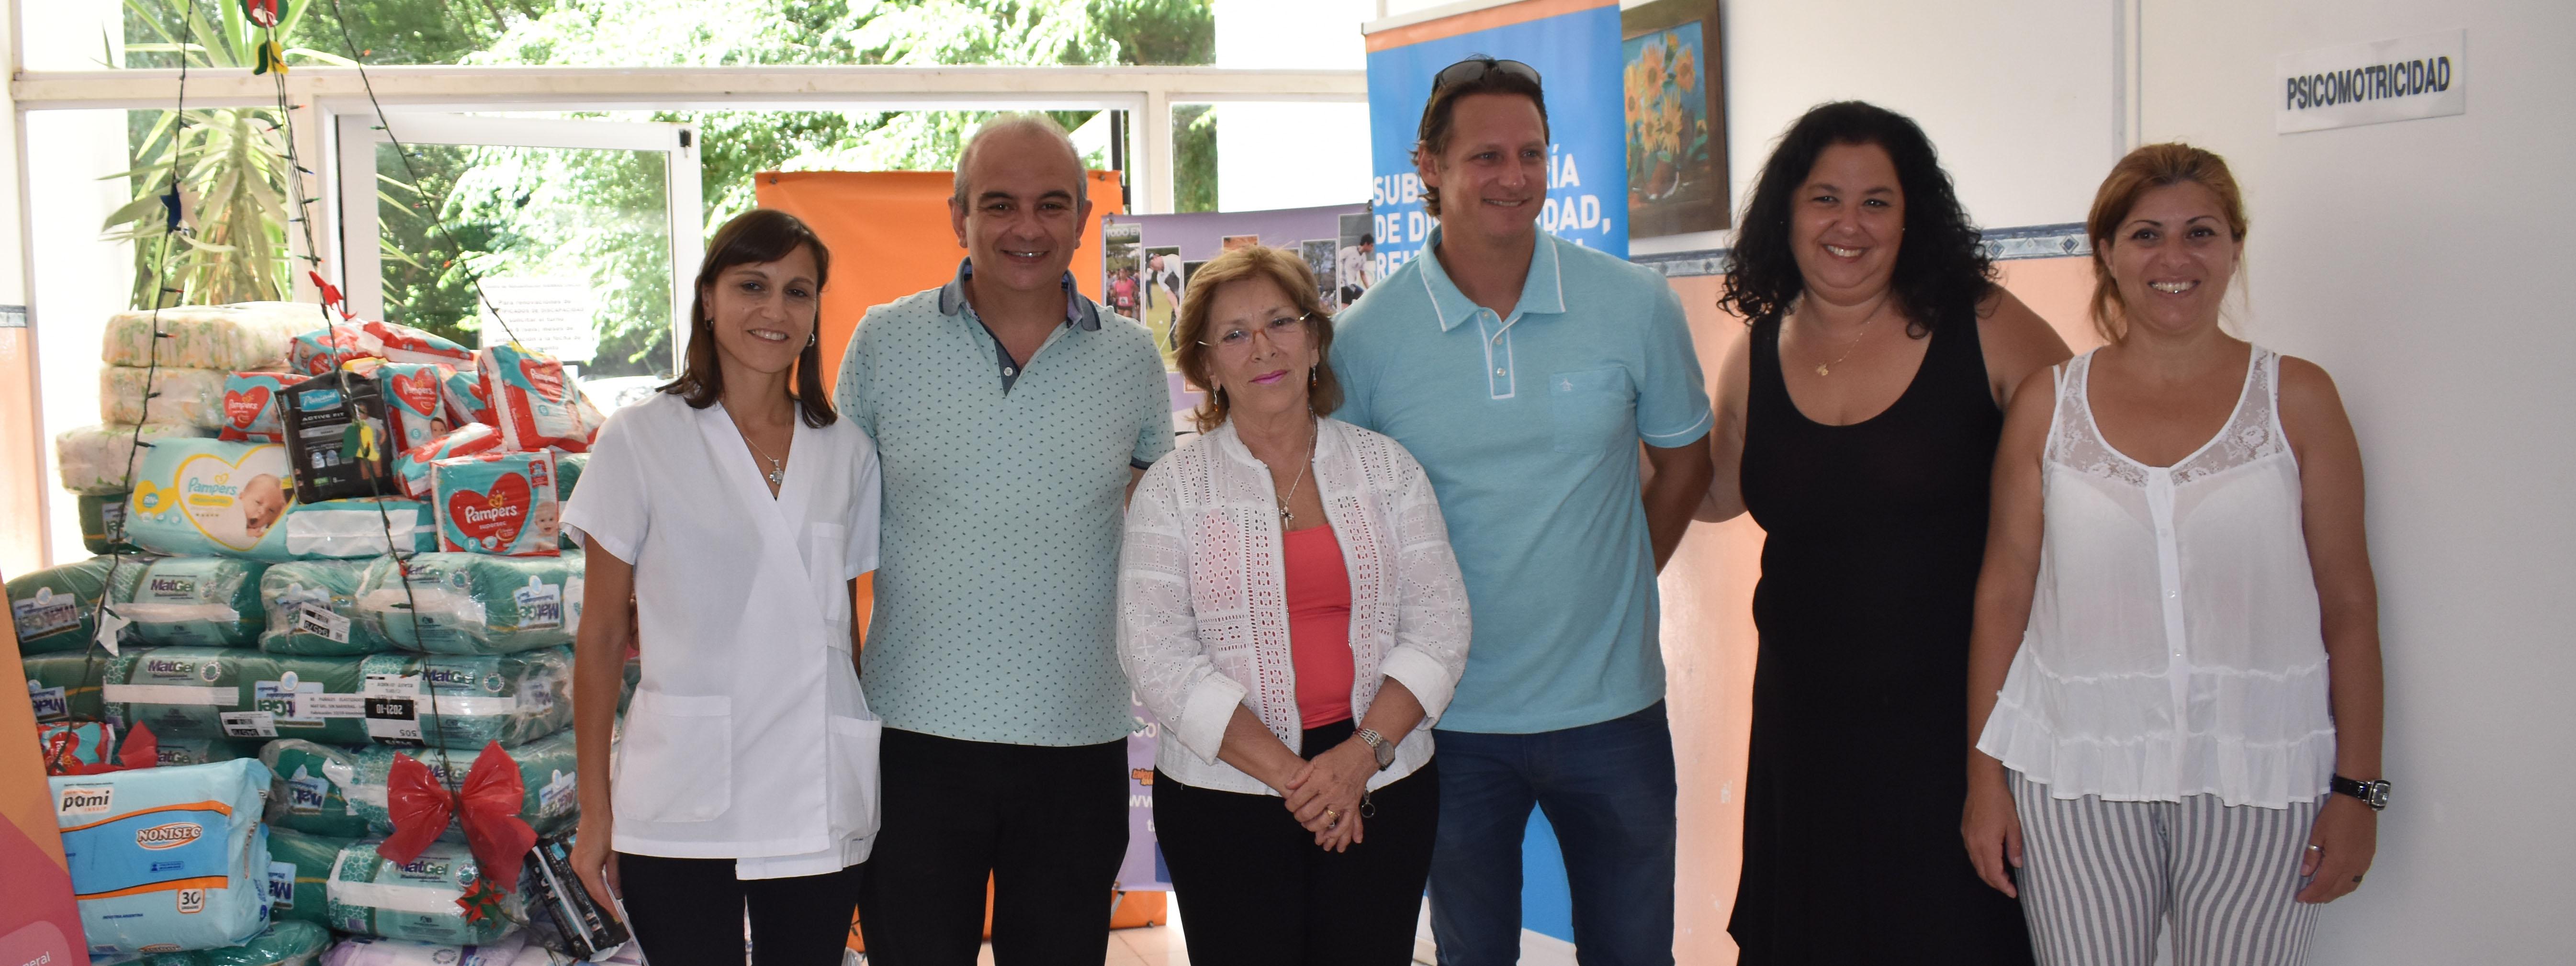 4.000 pañales reforzaron el vínculo de la Fundación Nalbandian con el Centro de Rehabilitación de Unquillo